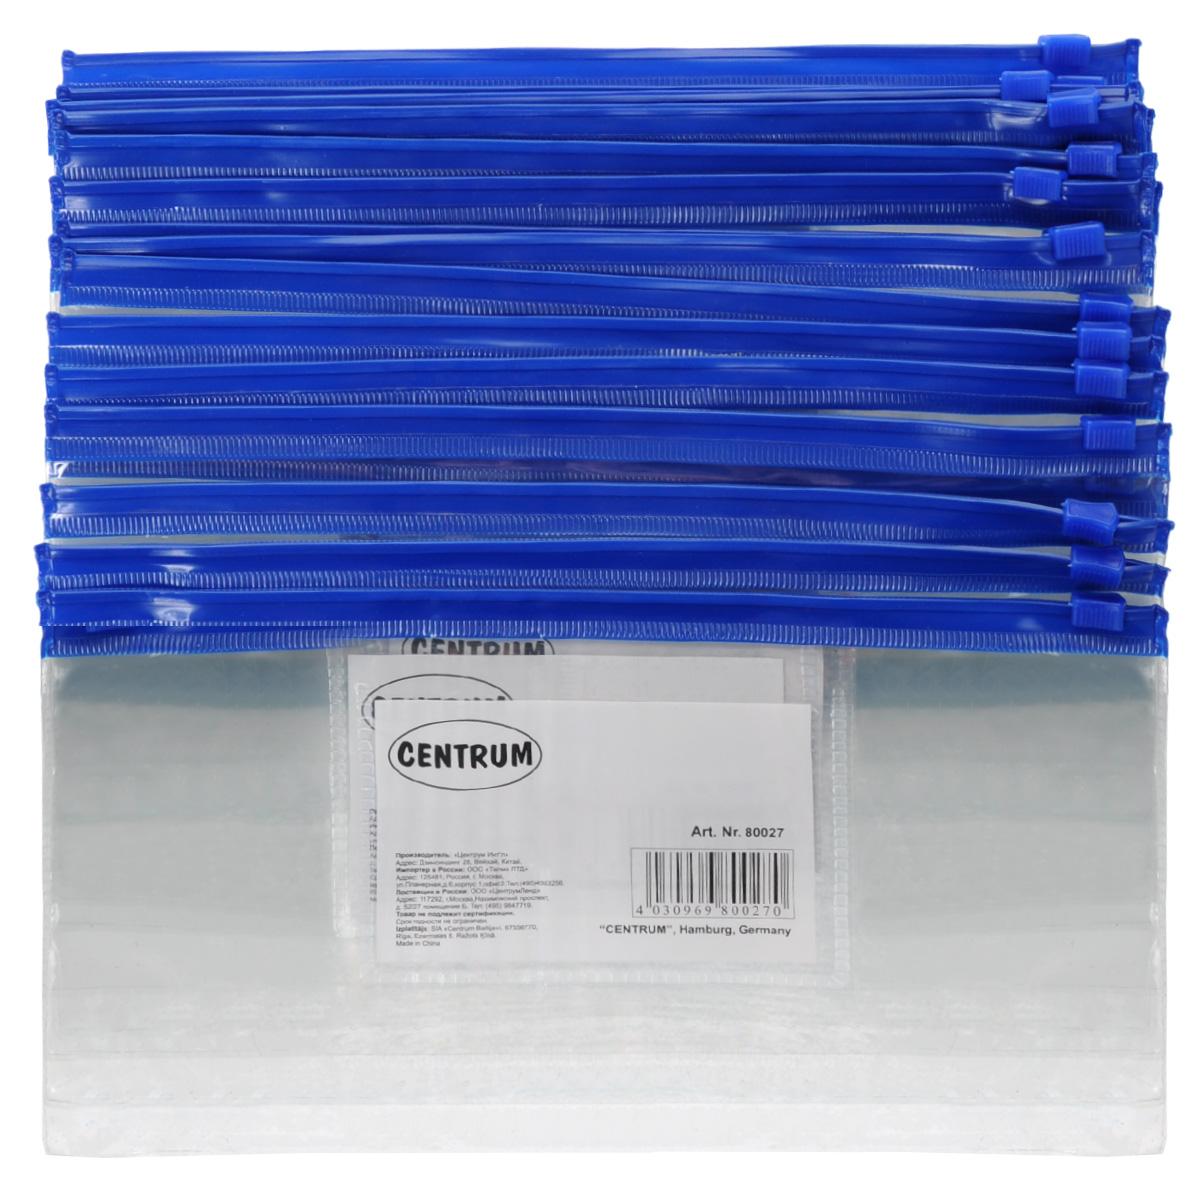 Папка-конверт на молнии Centrum, прозрачная, цвет: синий. Евроформат, 20 шт80027сини/прозрачнКомпактная папка-конверт Centrum - это удобный и практичный офисный инструмент, предназначенный для хранения и транспортировки рабочих бумаг и документов формата евро. Папка изготовлена из прозрачного пластика, закрывается на практичную застежку-молнию, имеет опрятный и неброский вид. В комплект входят 20 папок формата евро. Папка-конверт - это незаменимый атрибут для студента, школьника, офисного работника. Такая папка надежно сохранит ваши документы и сбережет их от повреждений, пыли и влаги. Размер папки: 230 х 120 мм.